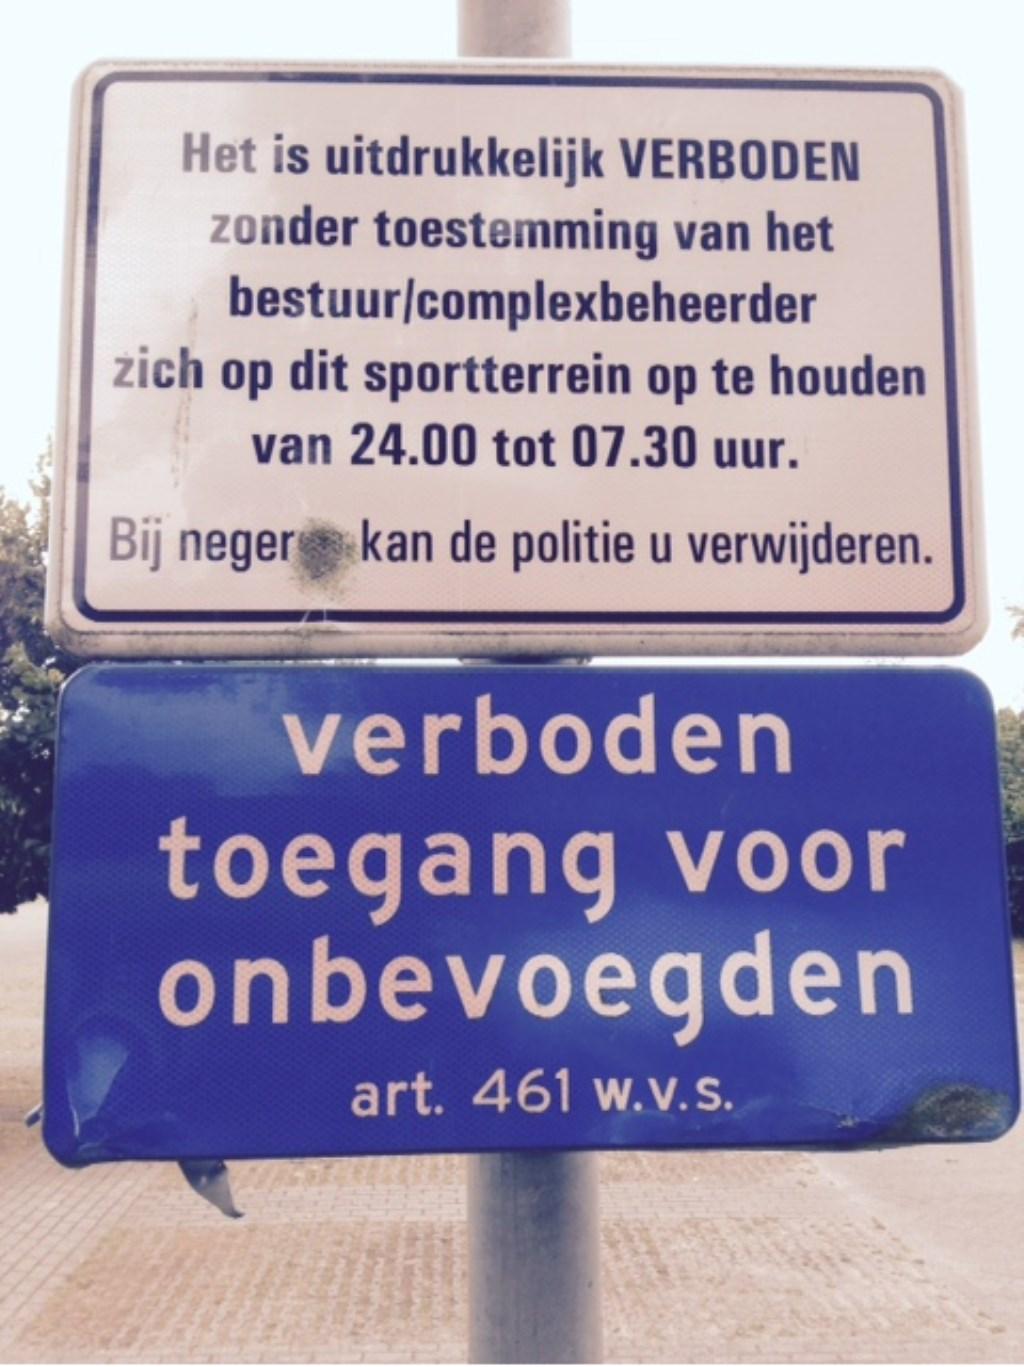 Het verbodsbord van het terrein aan het Schuilkerkpad. Foto: SV Laren'99 © Enter Media